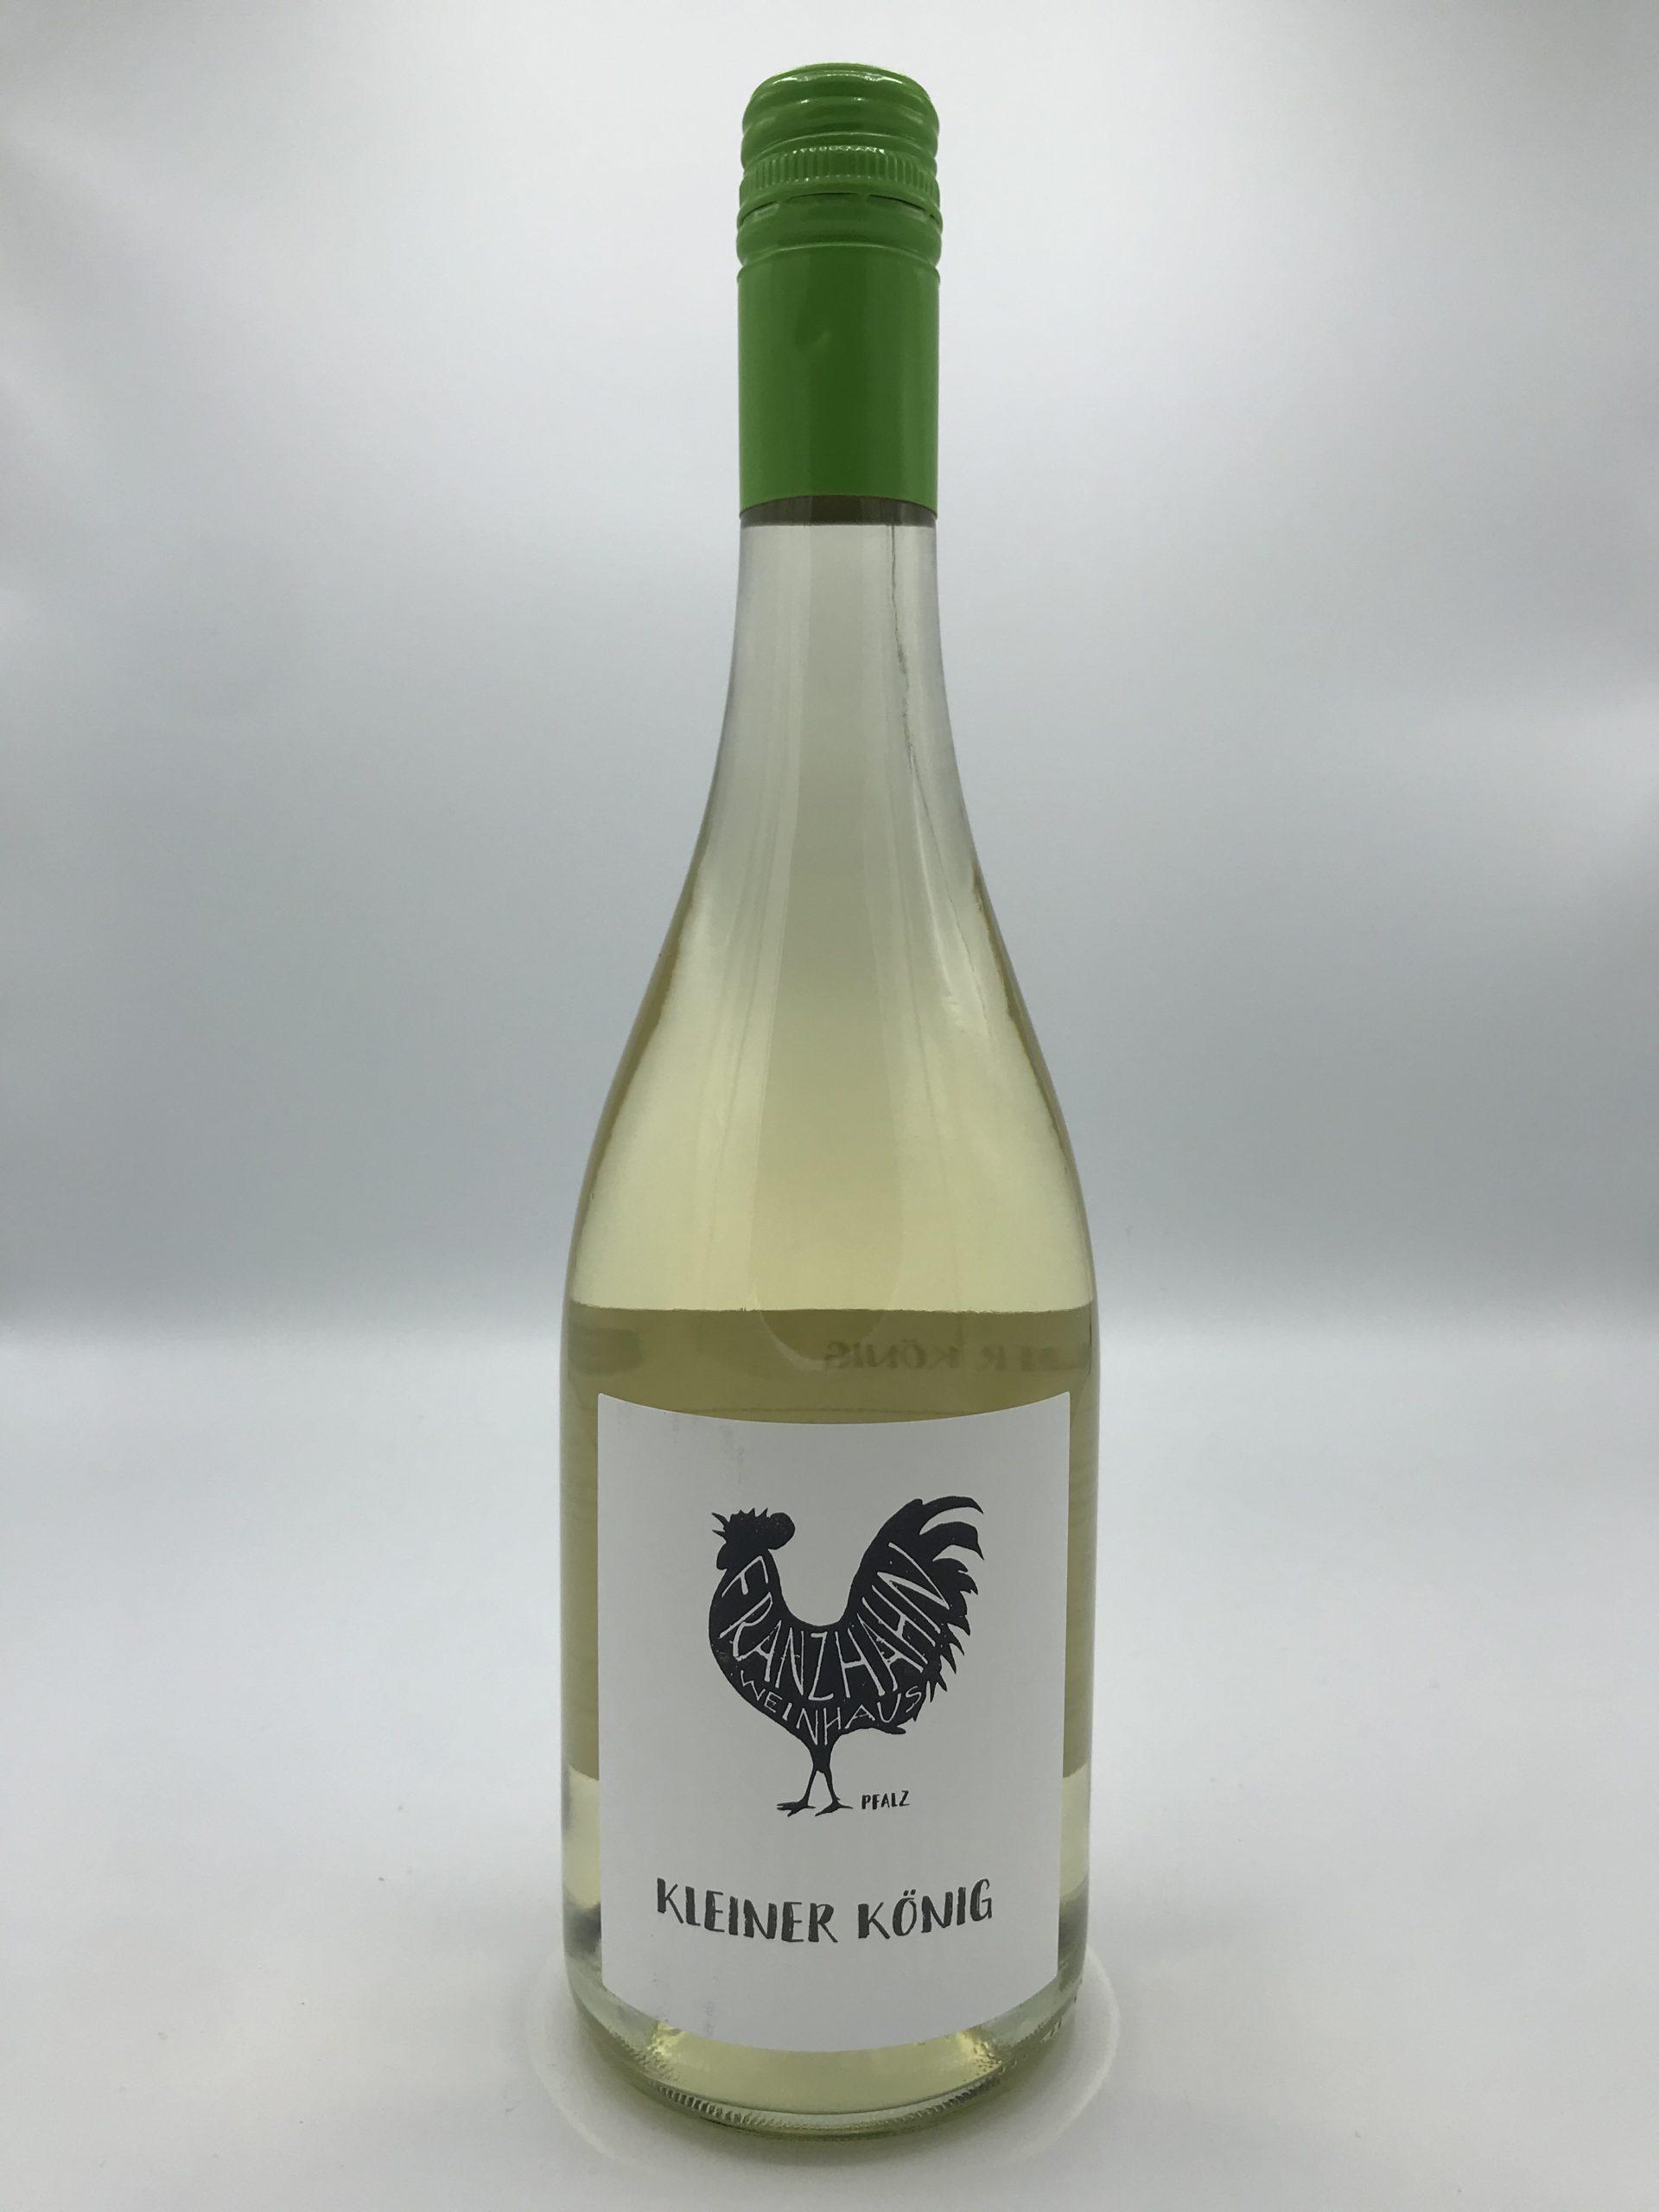 Kleiner König – alkoholfreier Apfelsecco Flaschenfoto